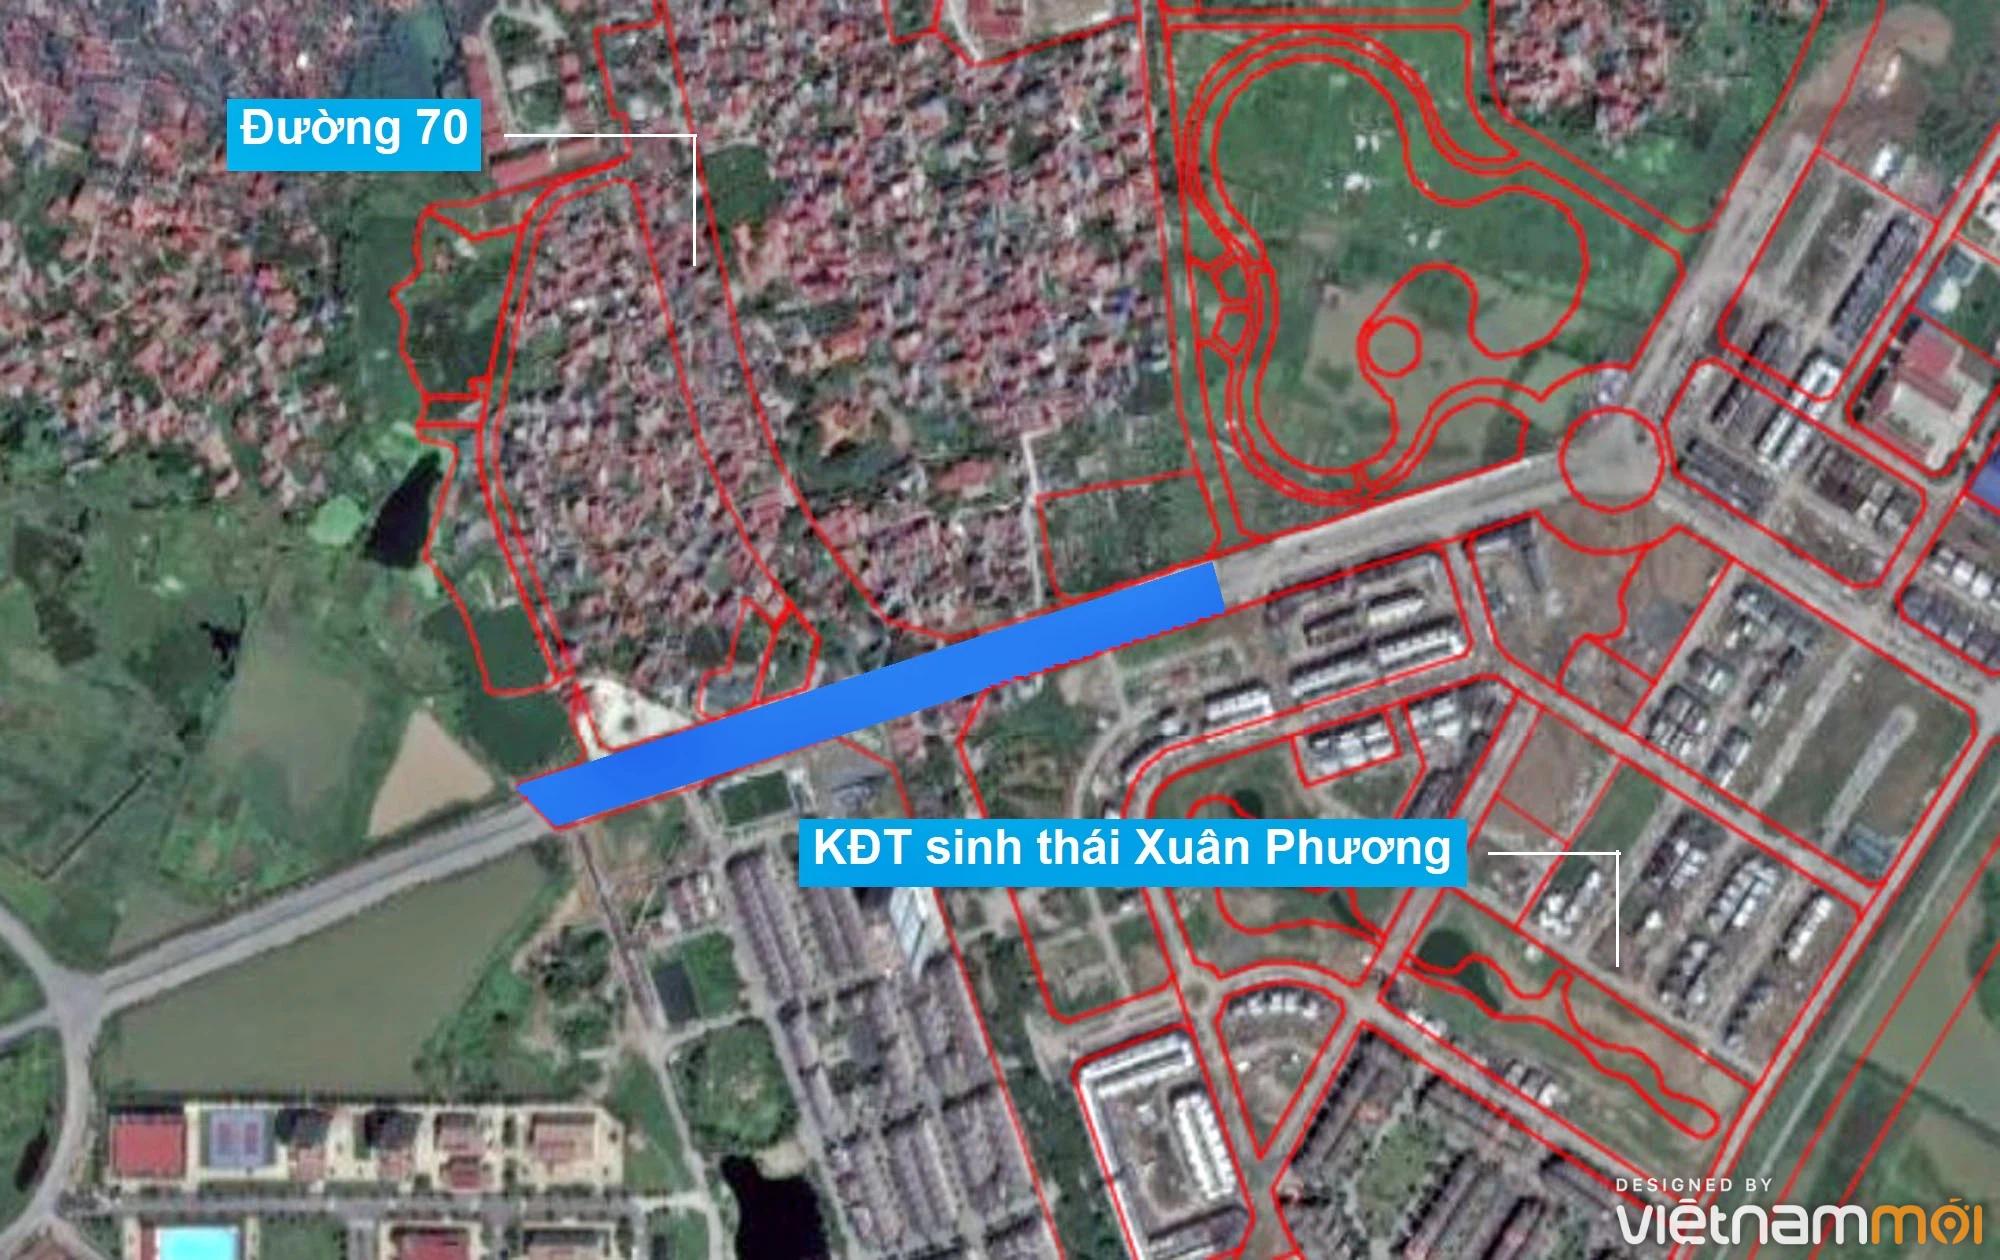 Những khu đất sắp thu hồi để mở đường ở phường Xuân Phương, Nam Từ Liêm, Hà Nội (phần 2) - Ảnh 13.